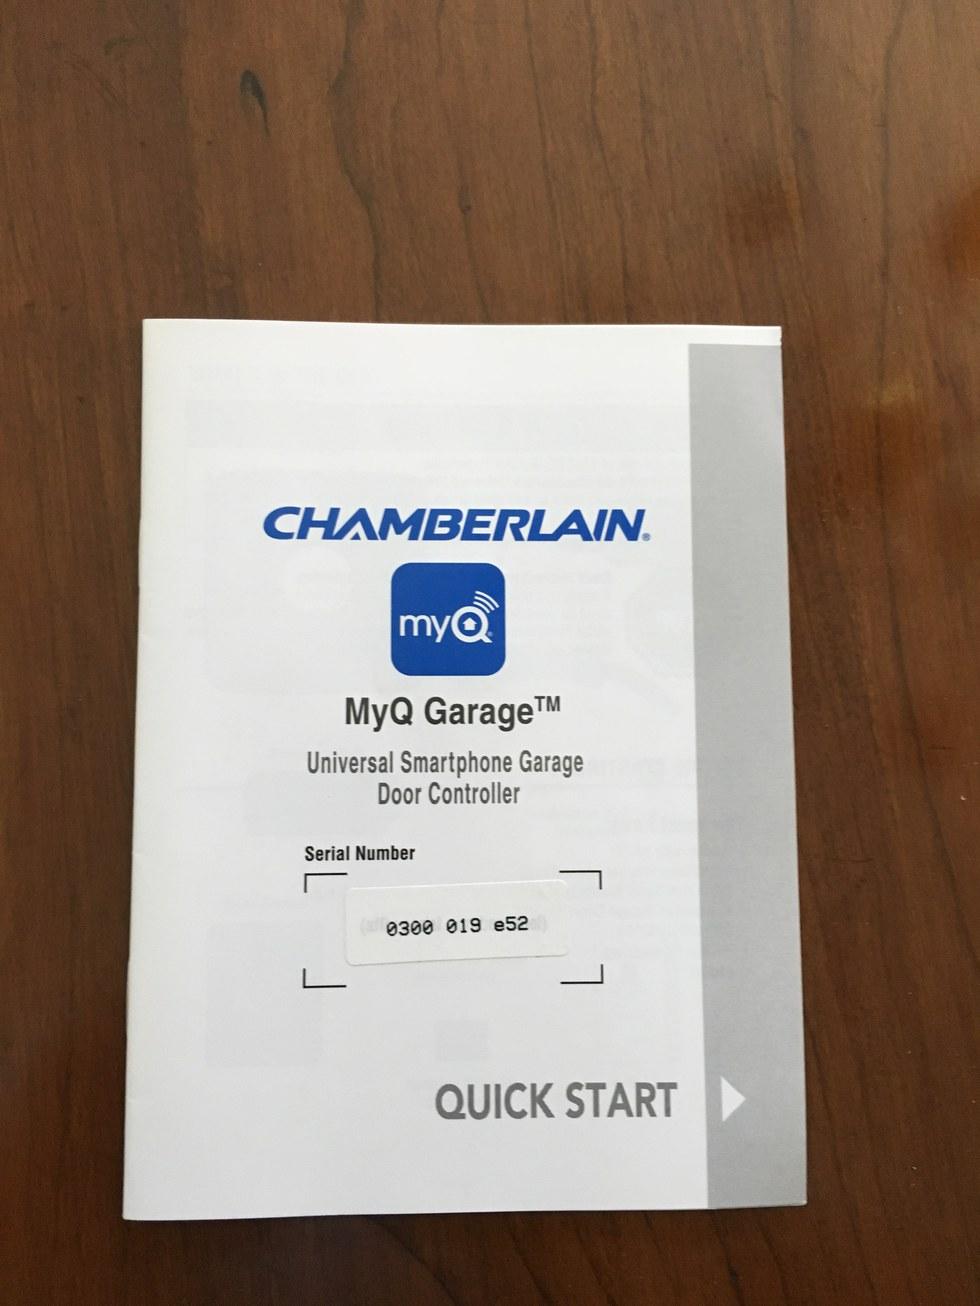 Chamberlain MyQ Smart Garage Door Opener Review